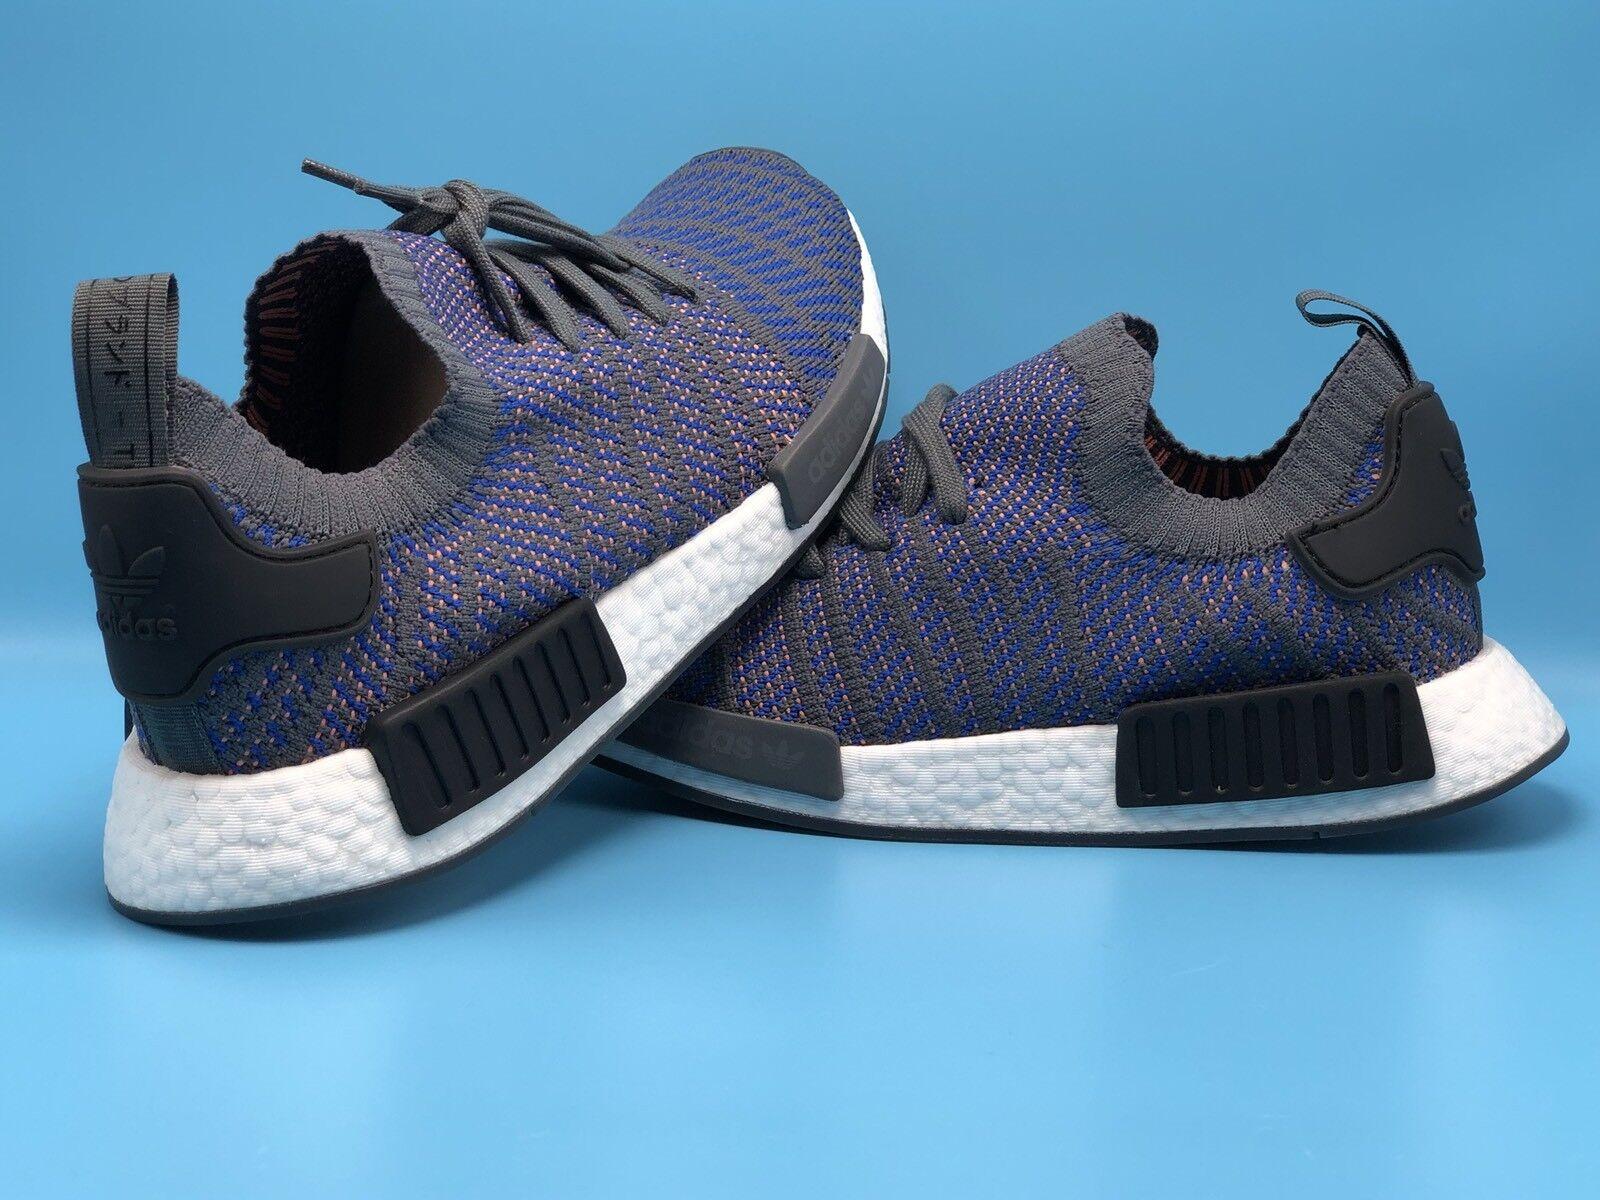 Adidas NMD R1 stlt PK hombre cq2388 Talla10 cq2388 hombre hi res Azul primeknit Retail priceprice reducción b5a315